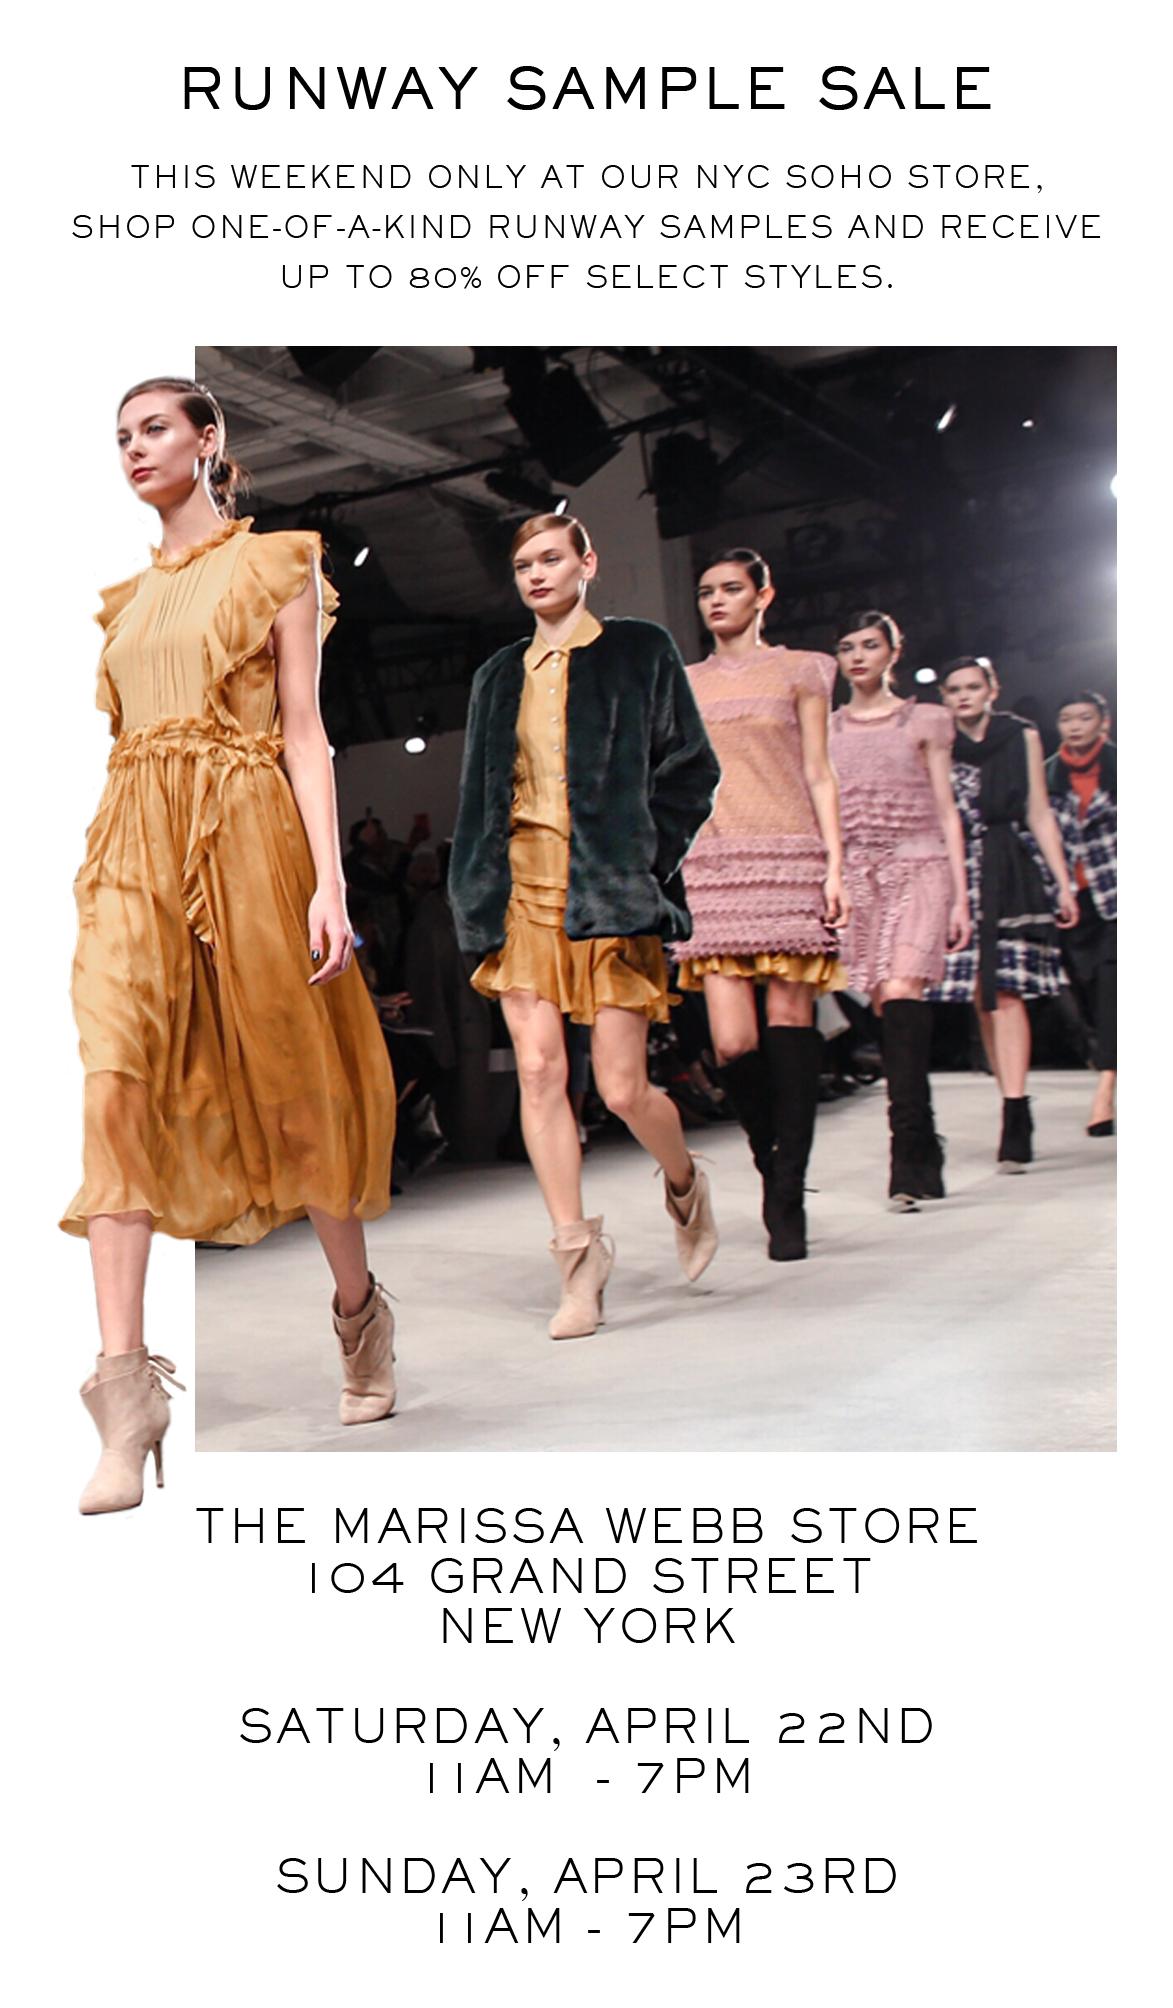 Marissa Webb - You're Invited...Marissa Webb Sample Sale